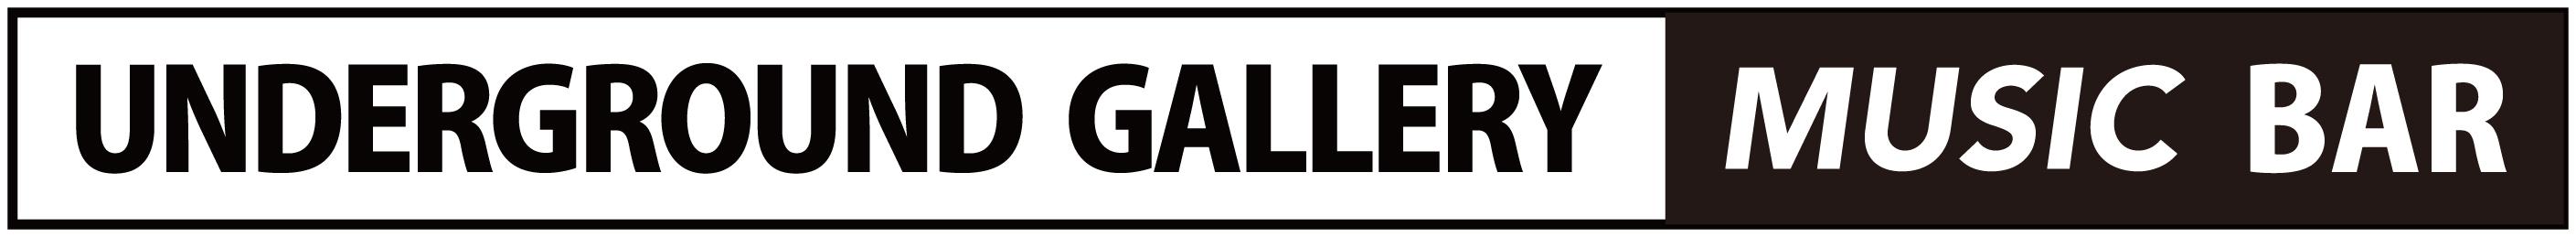 Underground Gallery Music Bar